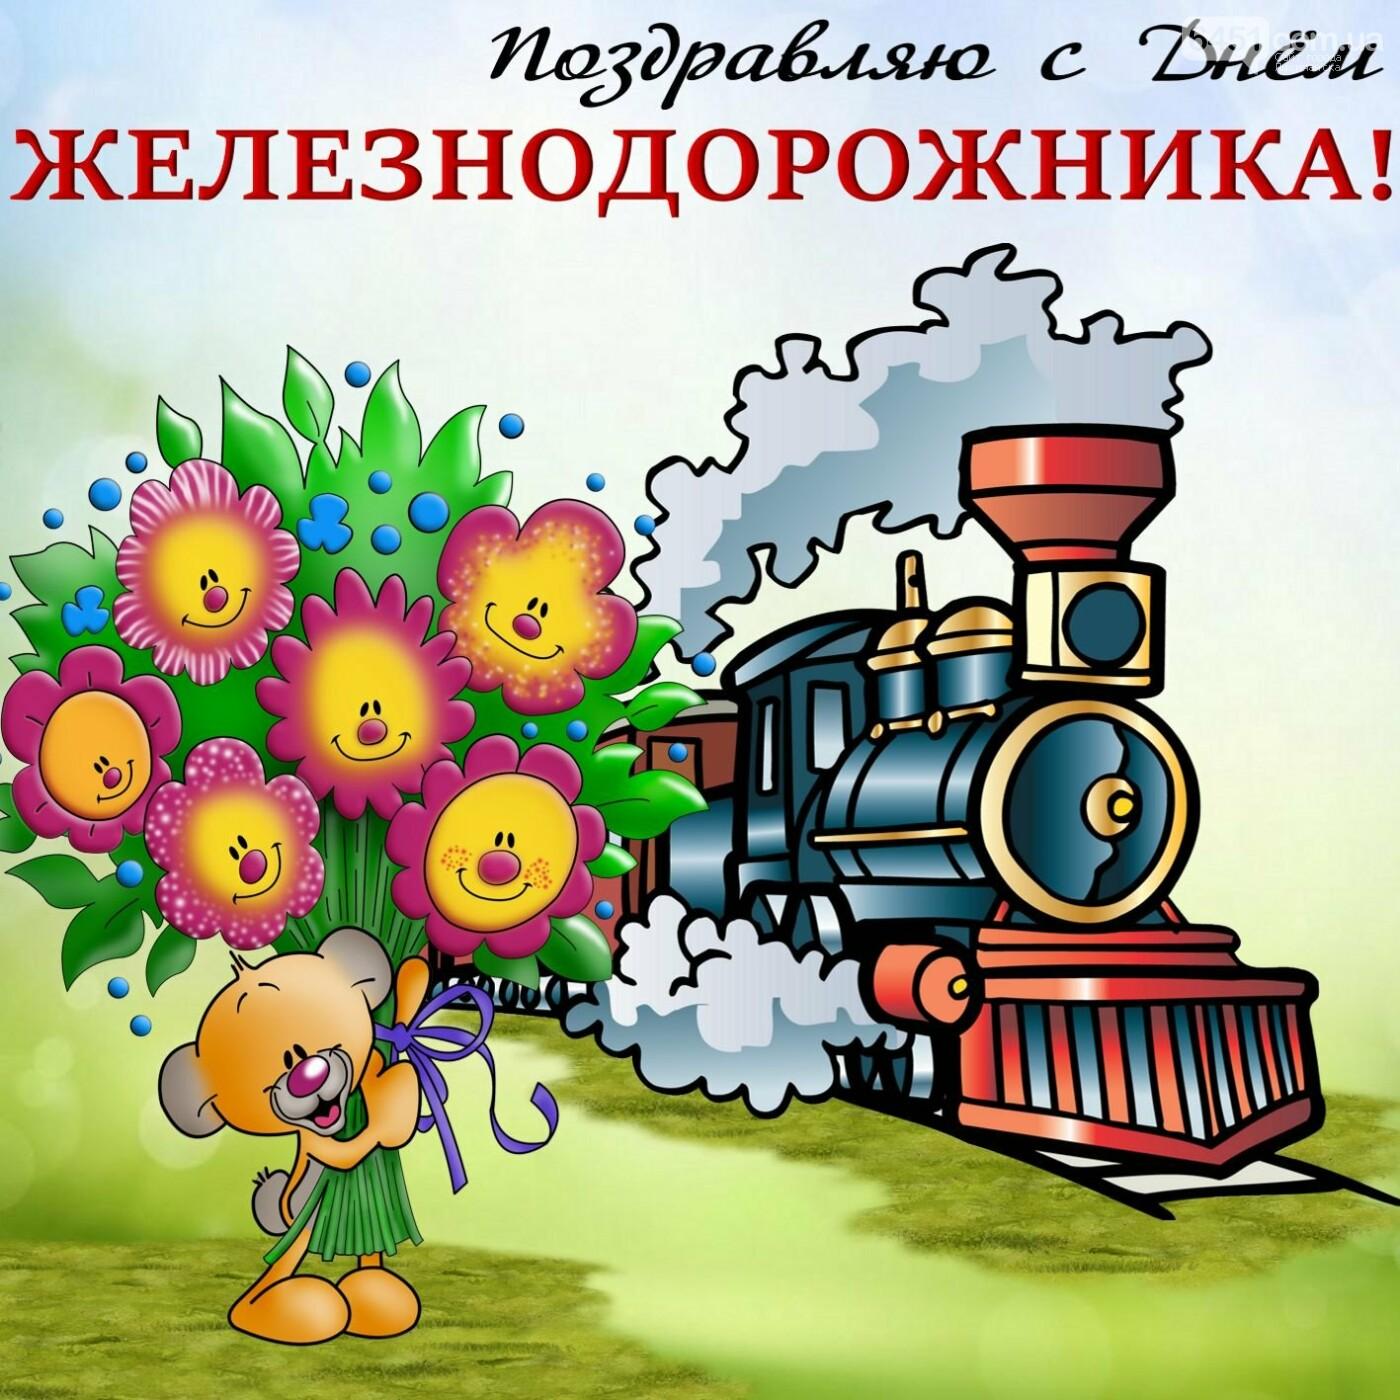 С днем Железнодорожника! История праздника и прикольные поздравления в картинках, фото-1